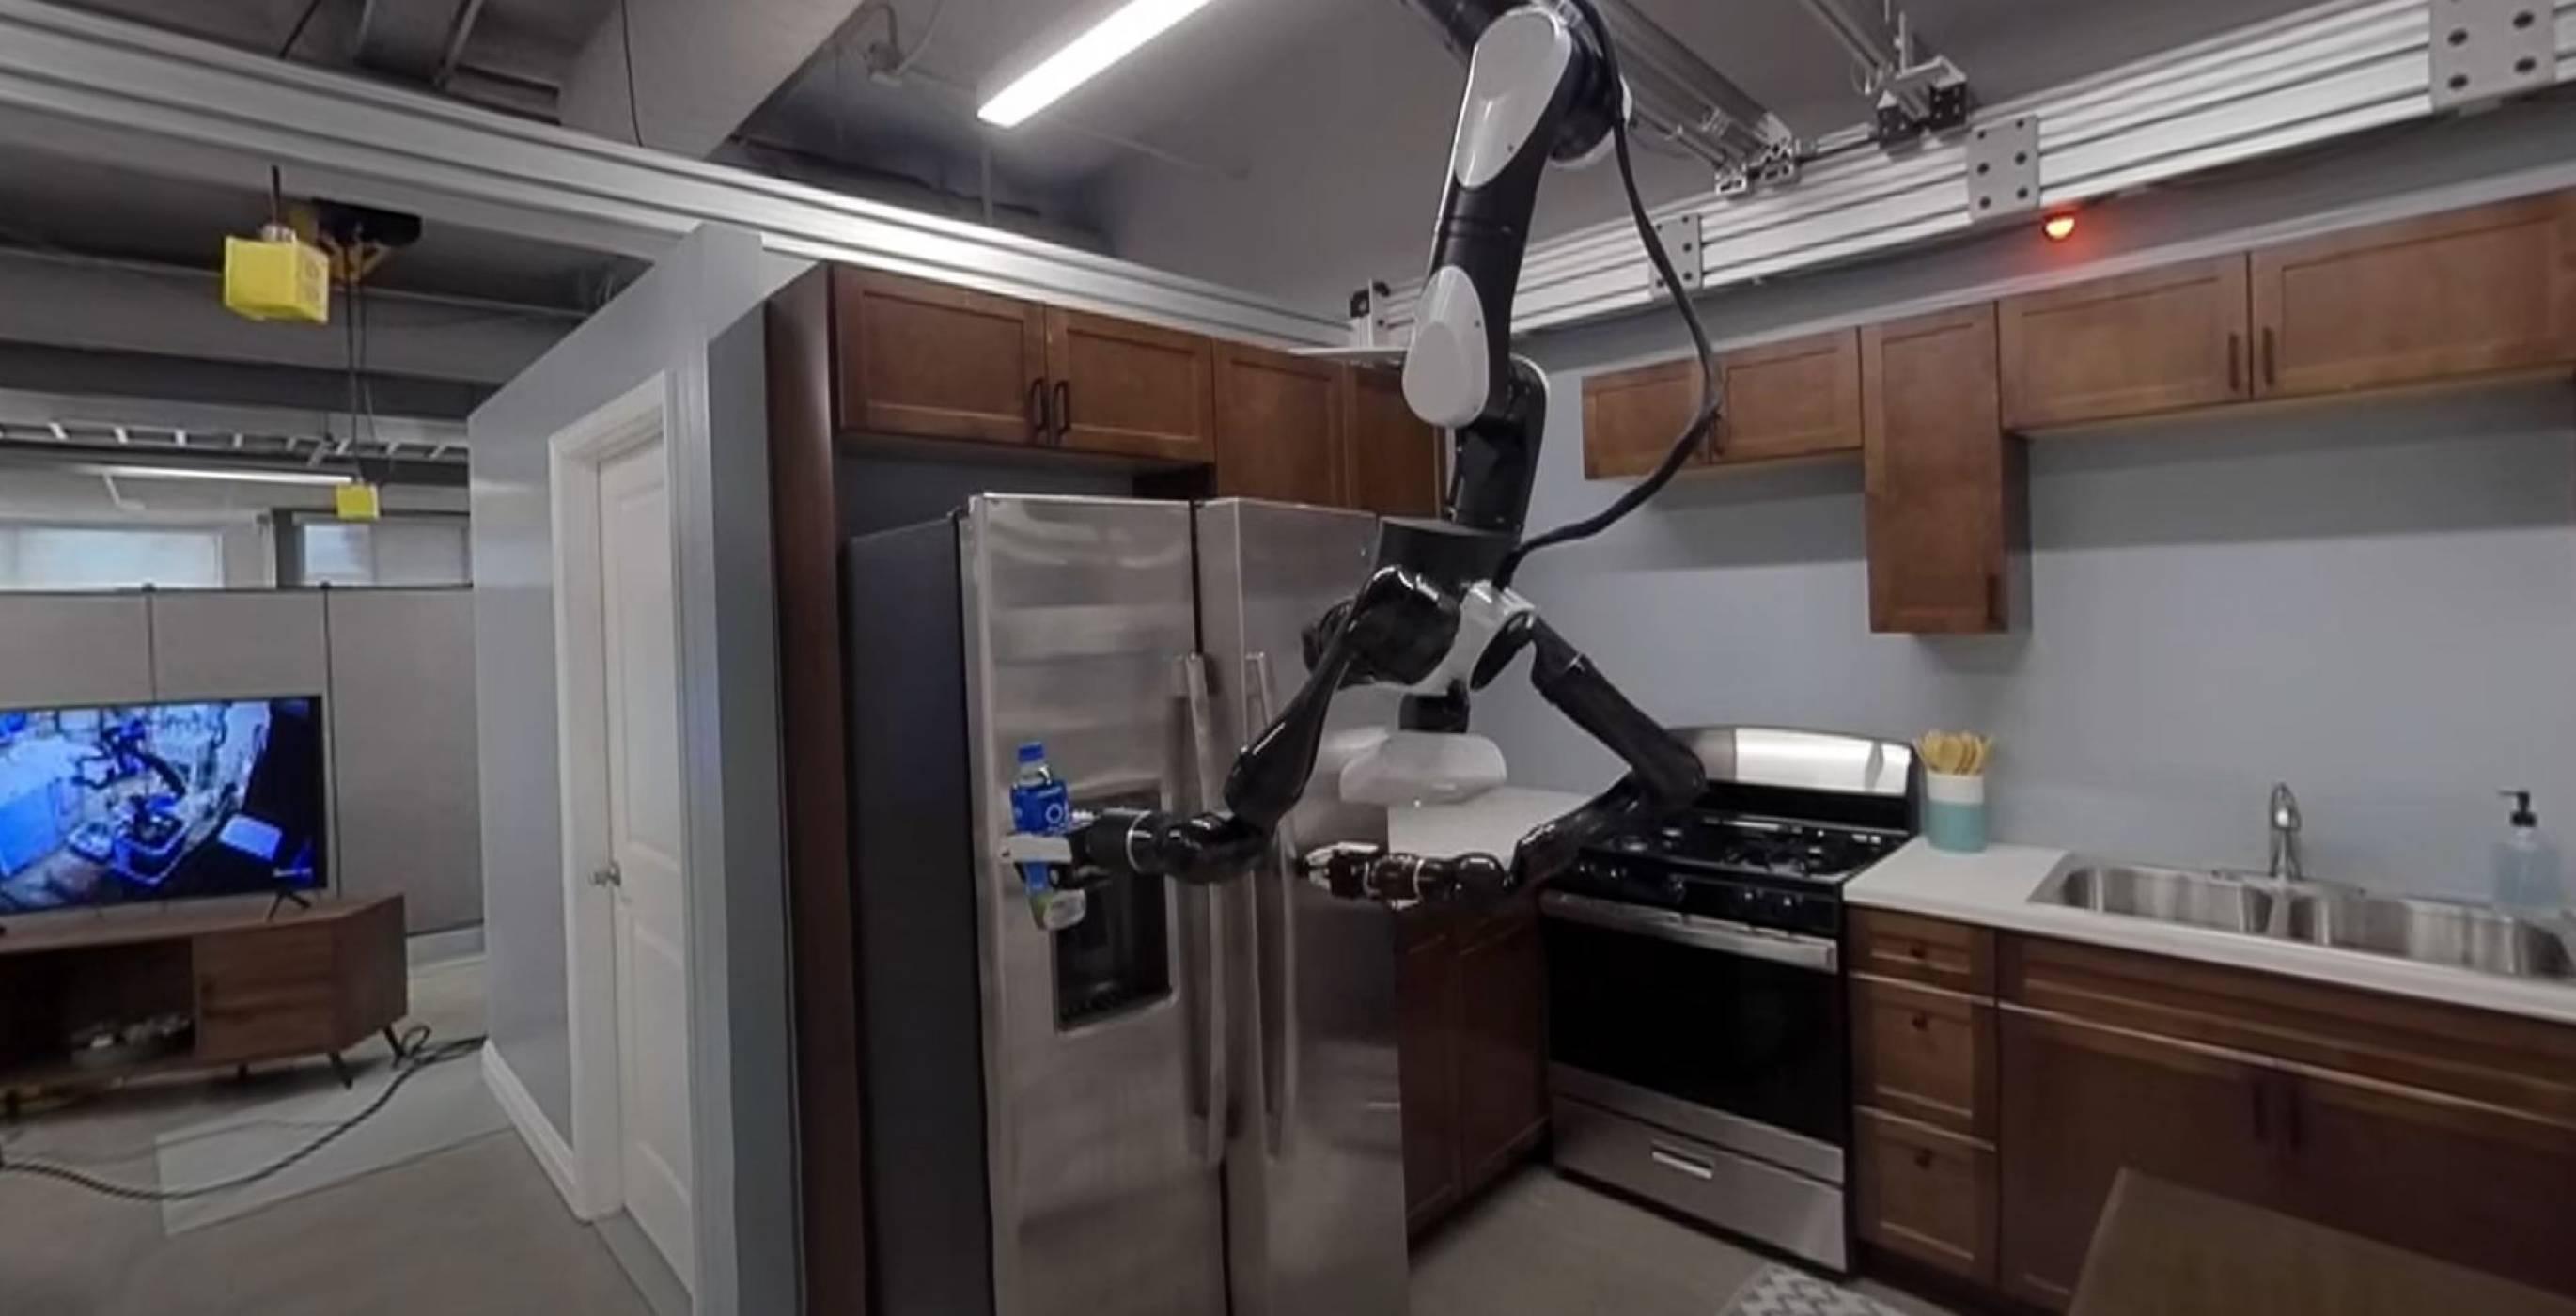 Домашният робо-иконом на Toyota виси от тавана като прилеп (ВИДЕО)